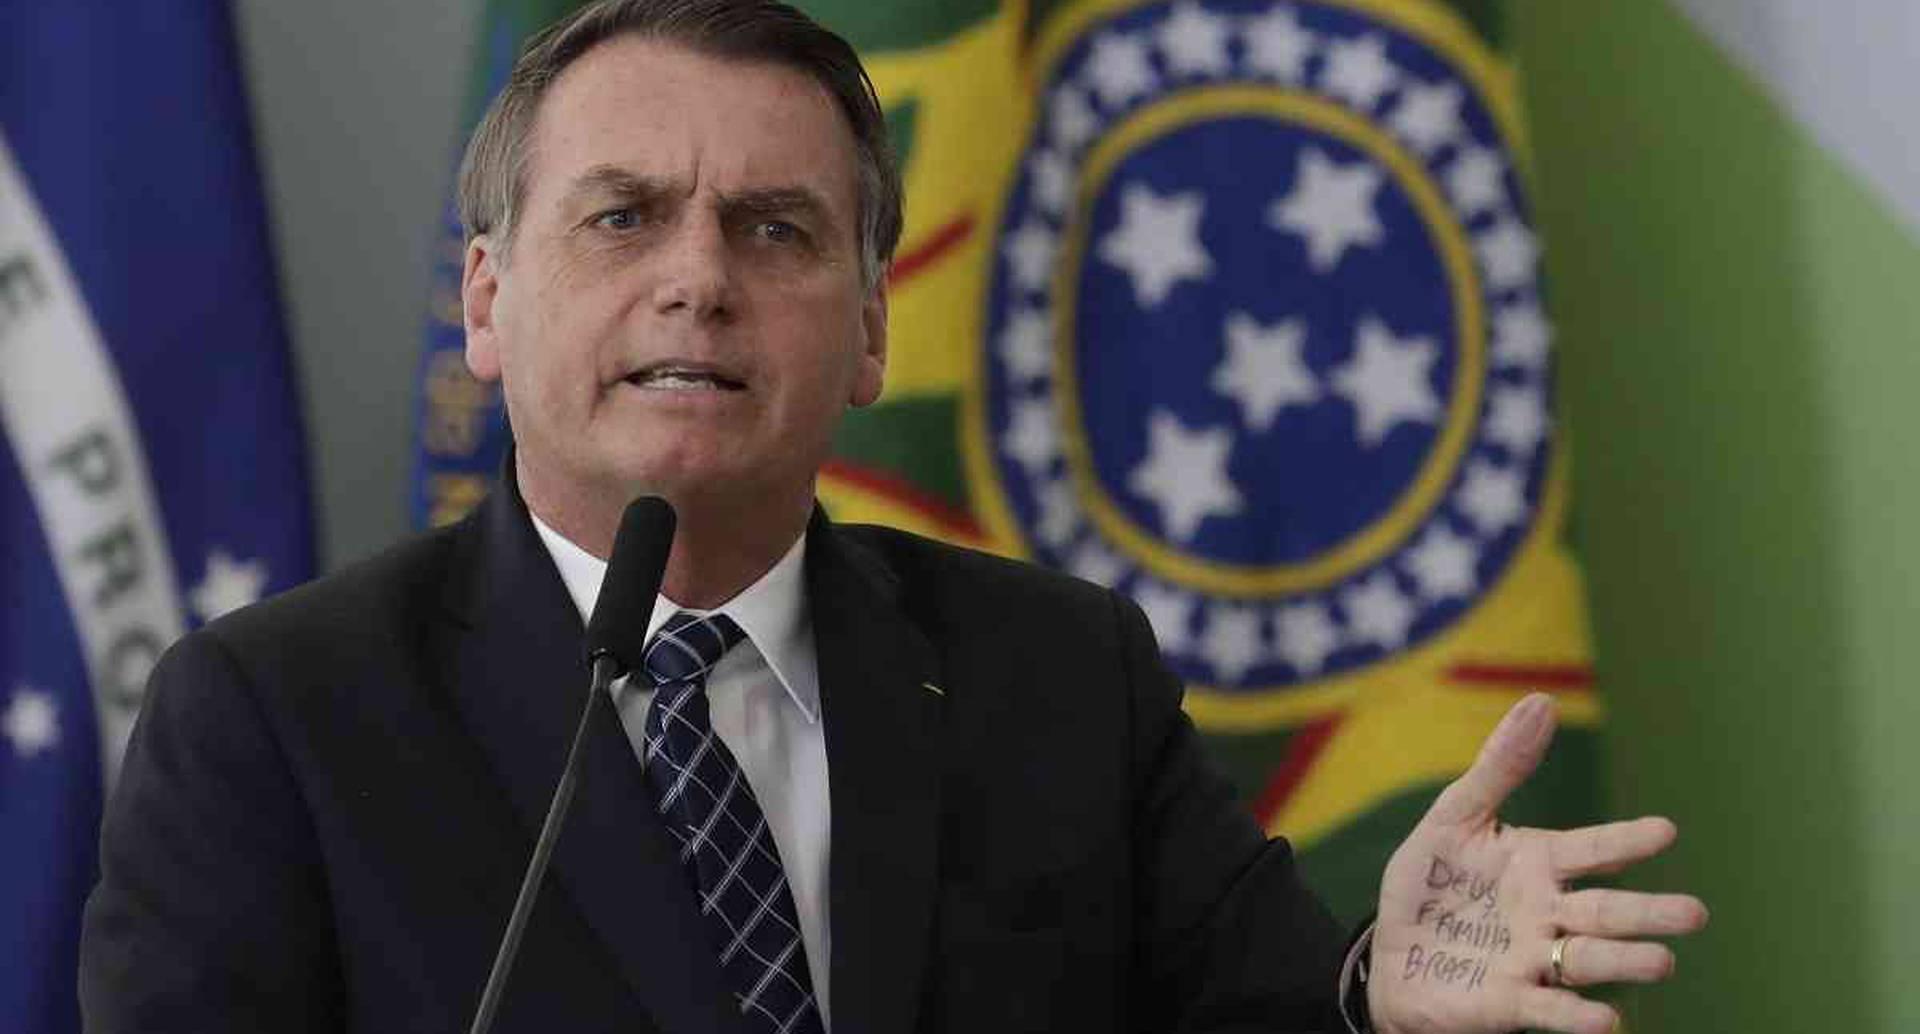 El presidente Jair Bolsonaro continúa en su cruzada por implementar operaciones mineras y de la agroindustria en territorio indígena amazónico de Brasil. Foto: AP